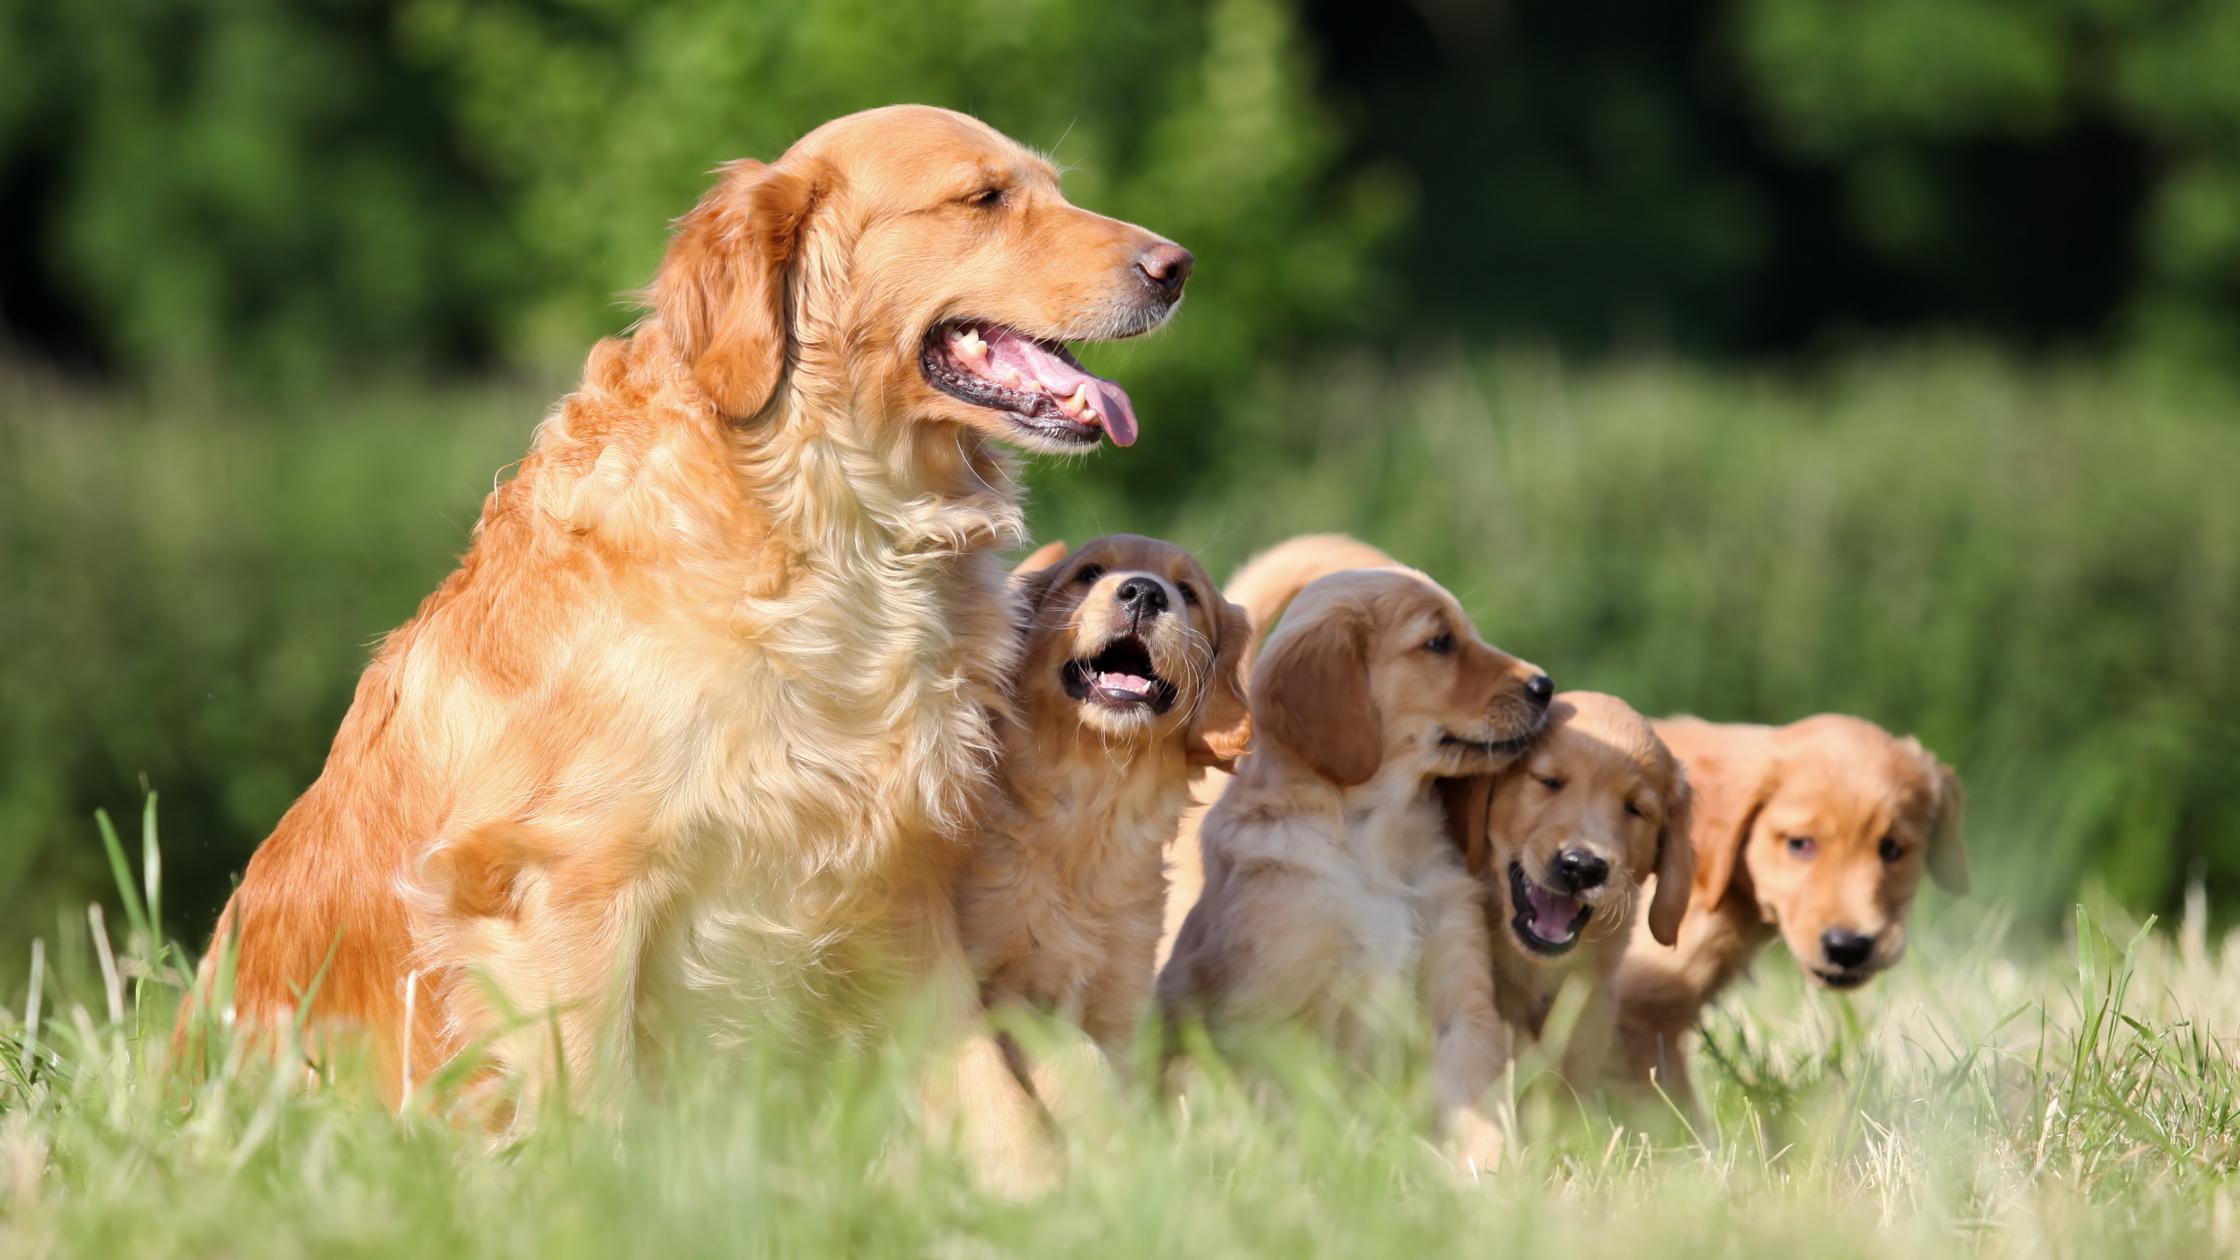 Обновлена формула определения возраста собак по человеческим меркам